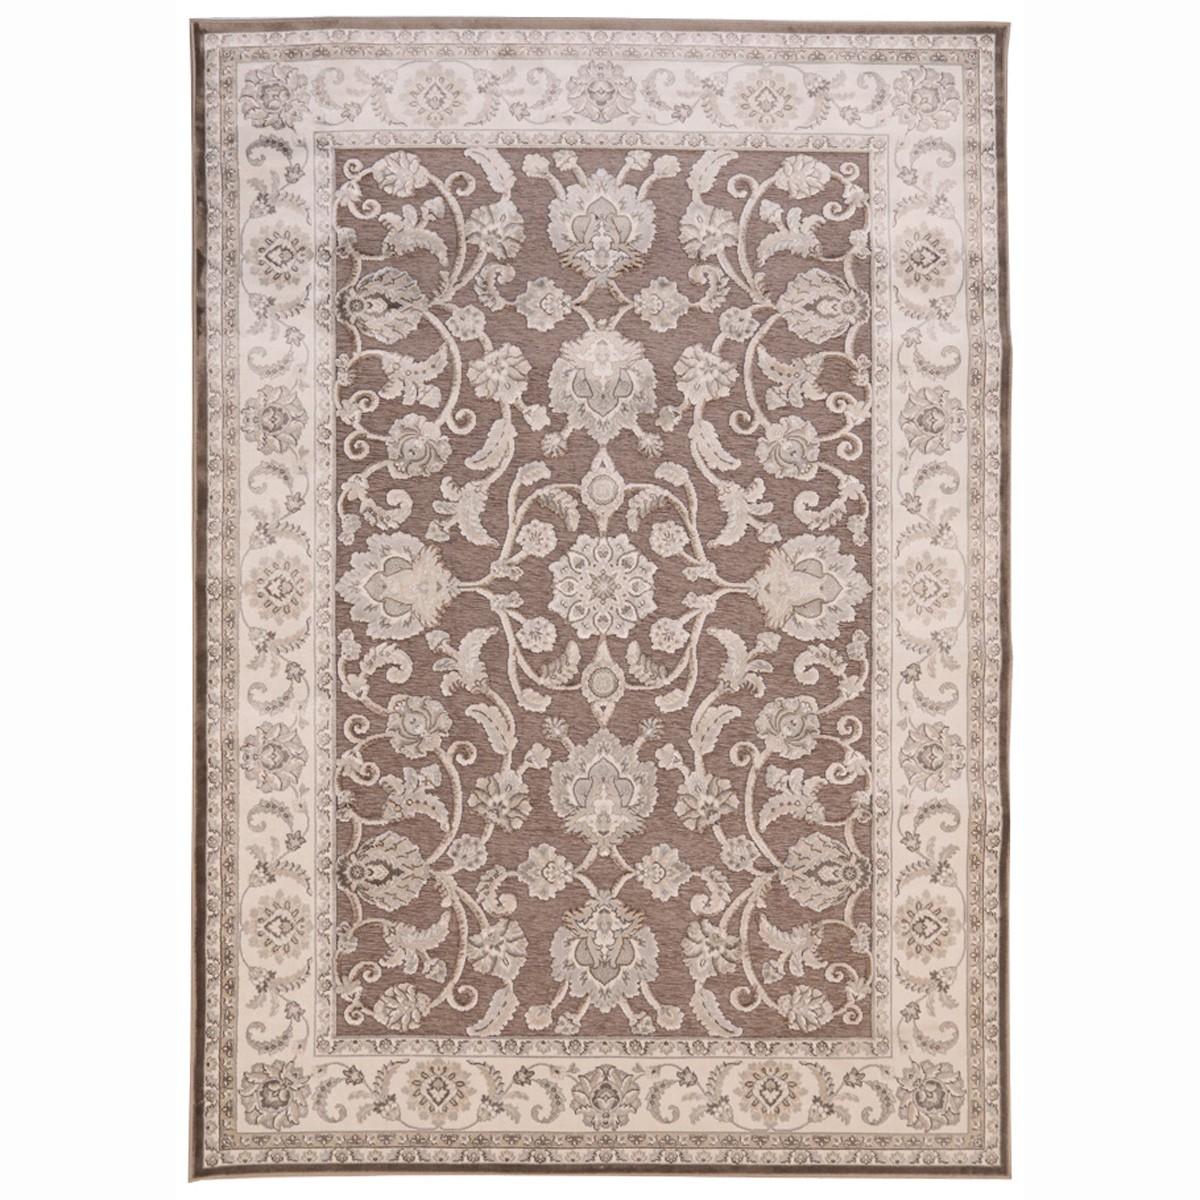 Καλοκαιρινό Χαλί (200x250) Royal Carpets Tiffany Ice 938 Vision